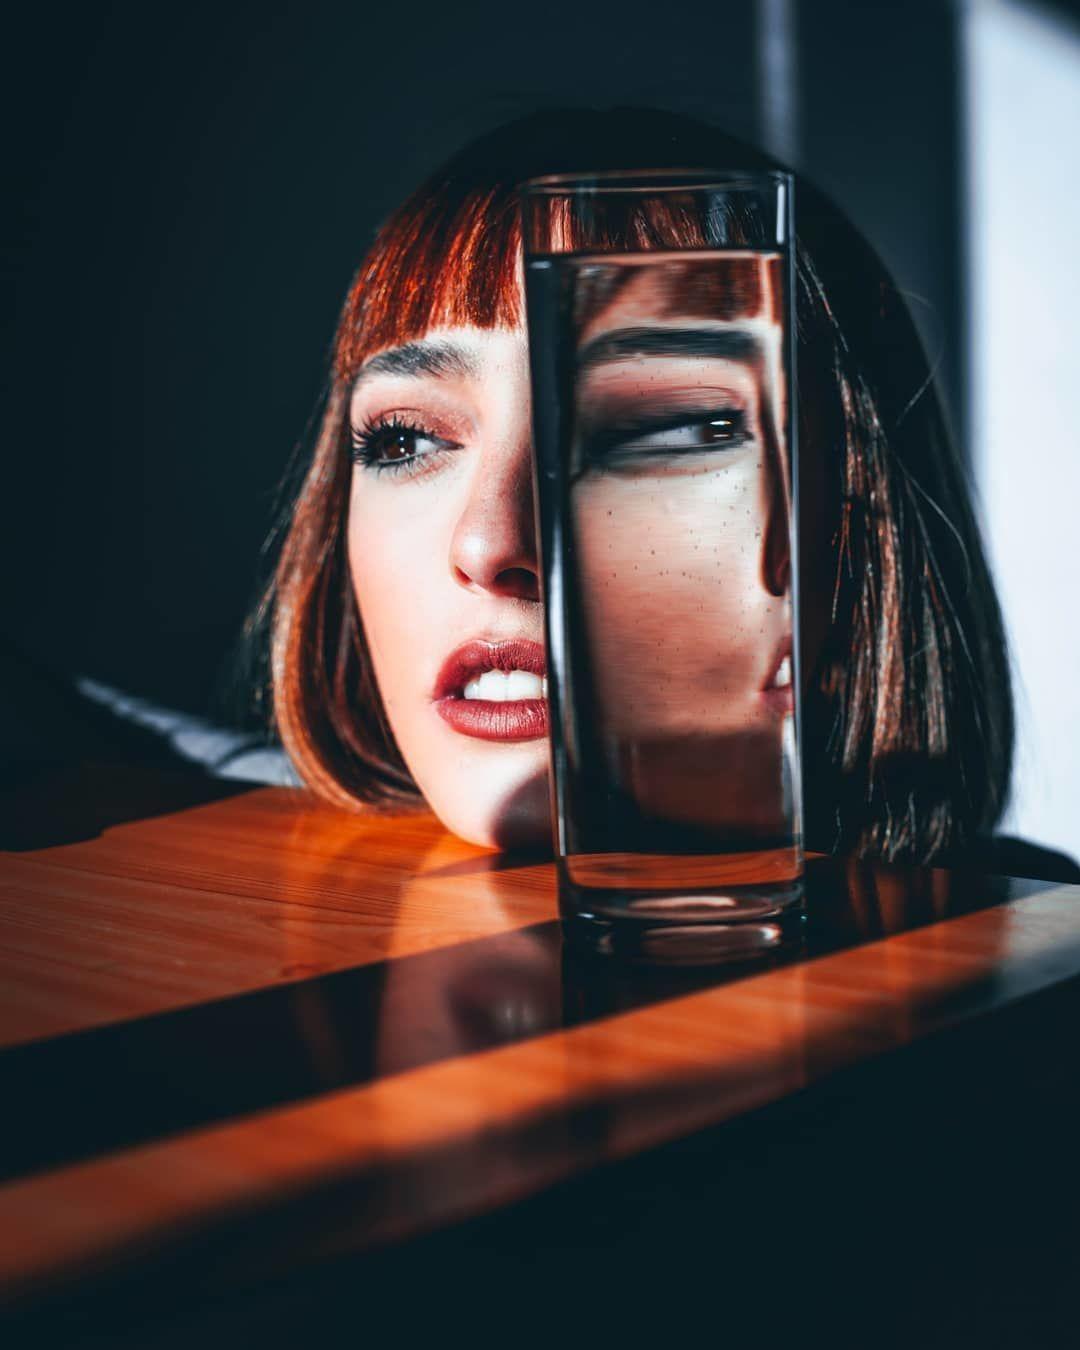 Trik Unik Tak Terduga Fotografer Saat Melakukan Photoshoot